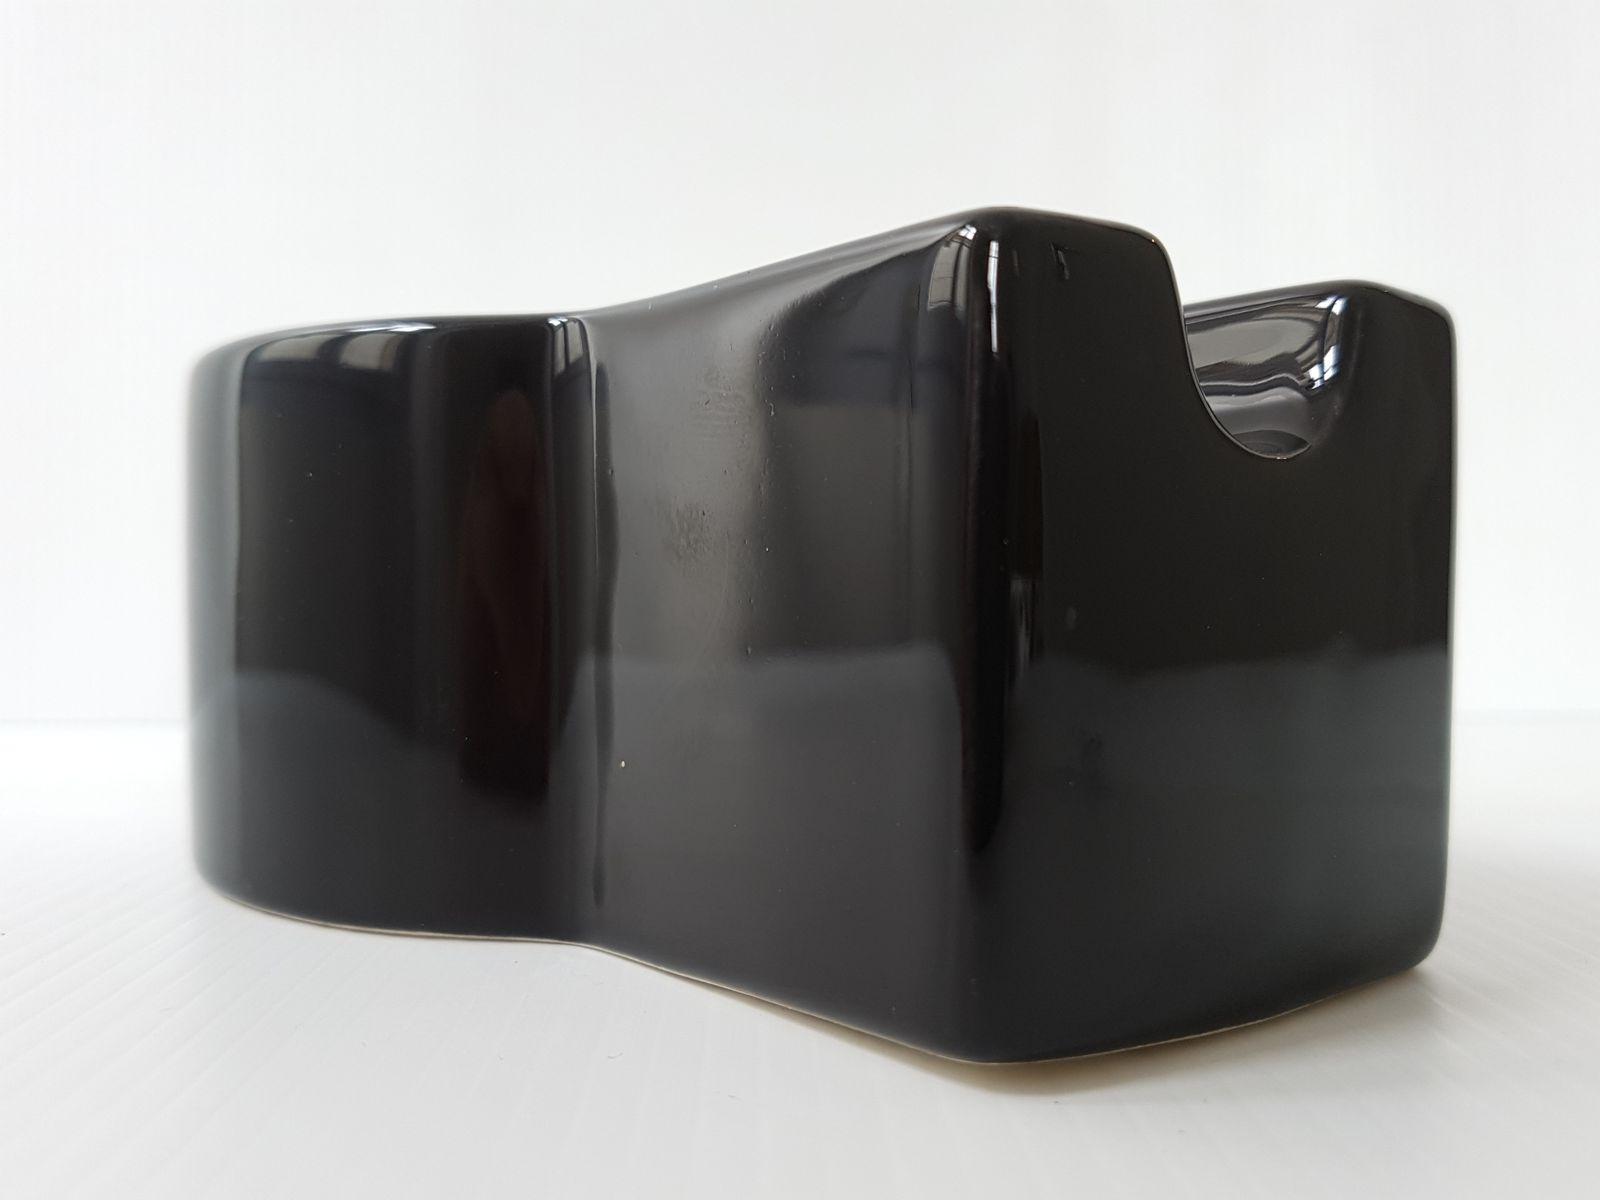 Cendrier yantra en céramique noire par ettore sottsass pour habitat